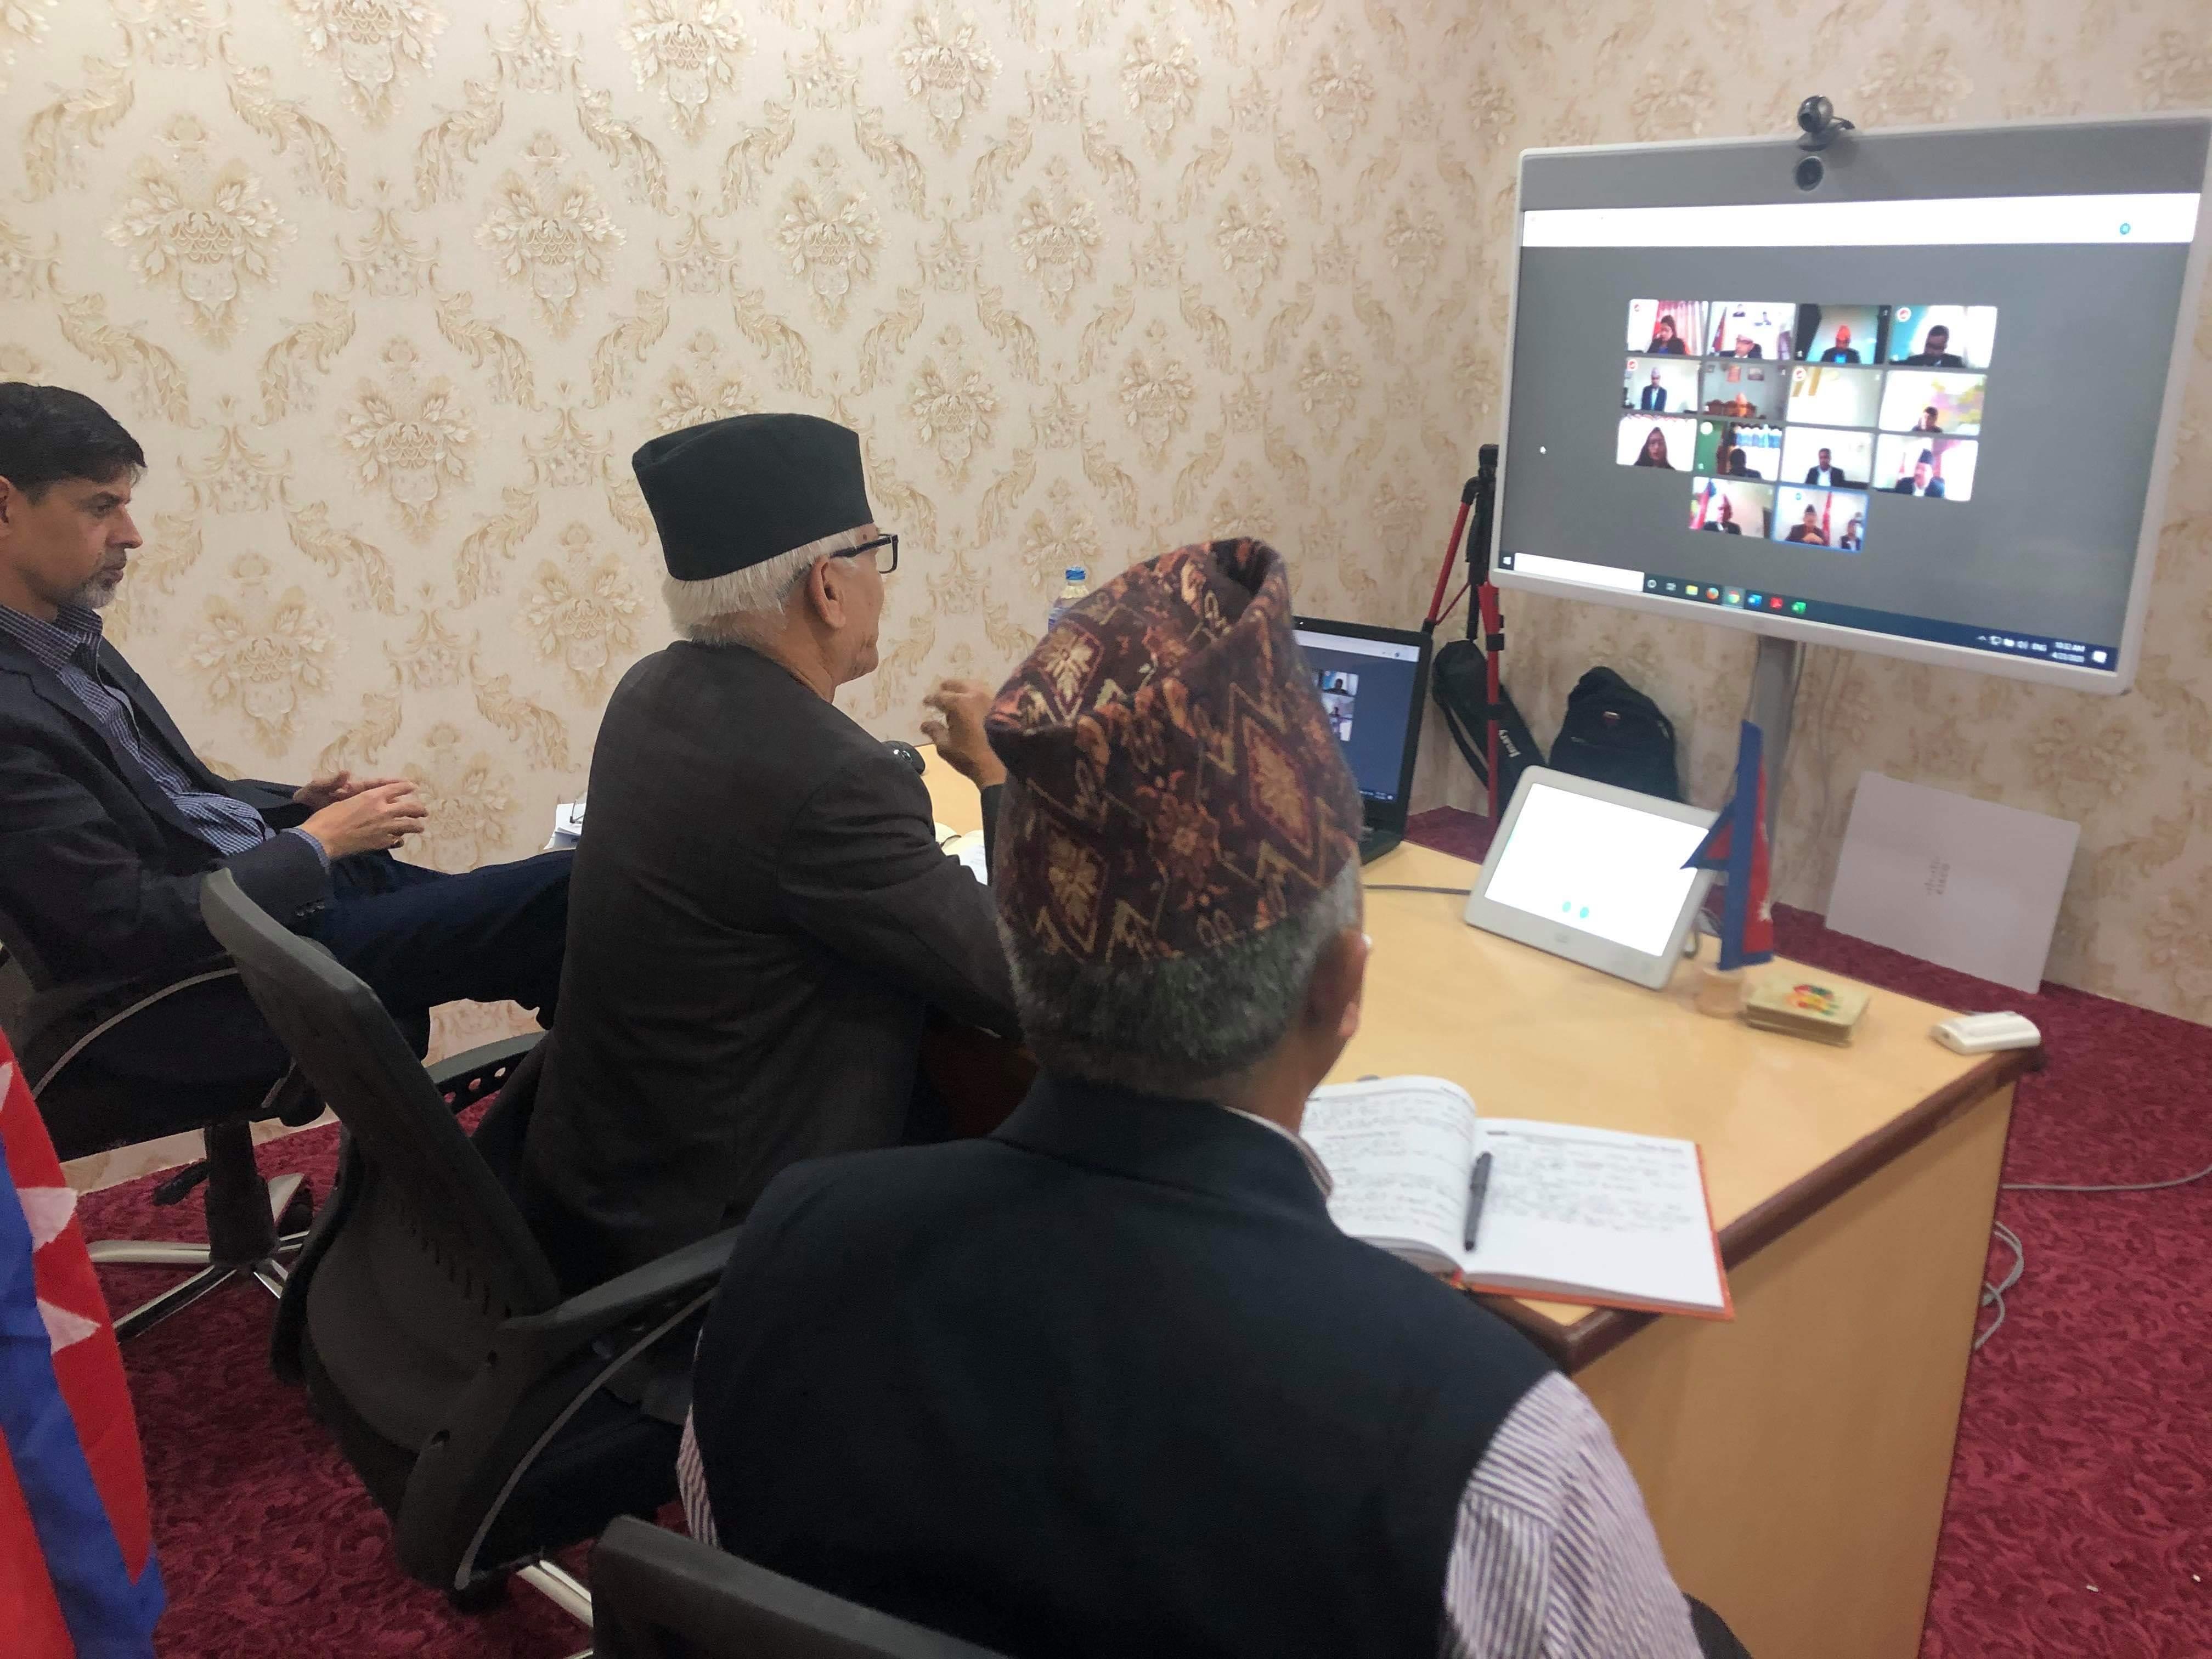 १३ जिल्लाका प्रमुख जिल्ला अधिकारीसँग प्रदेश सरकारको छलफल